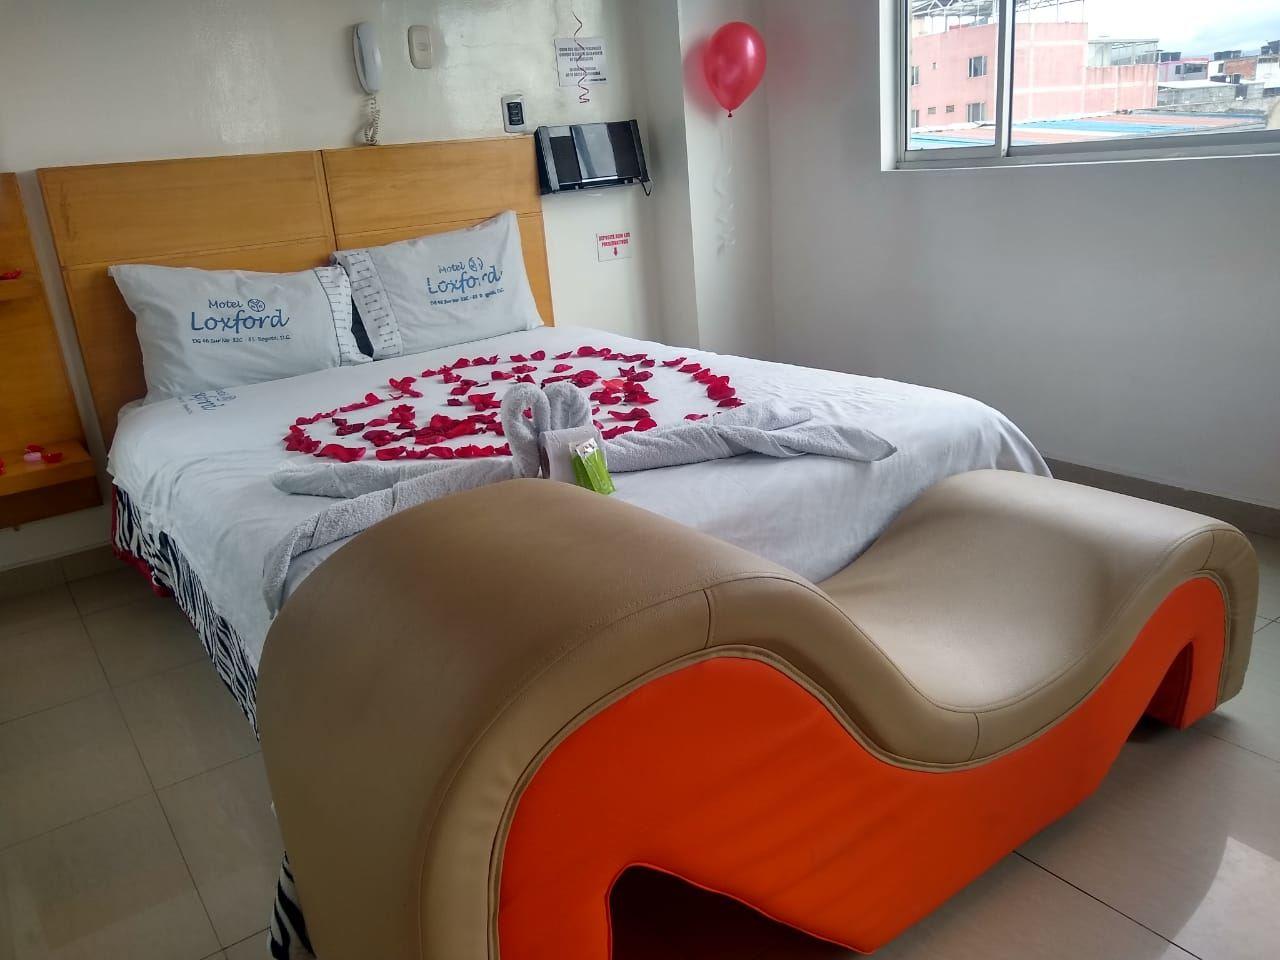 Habitación Sencilla con Silla del amor en Loxford : MotelNow